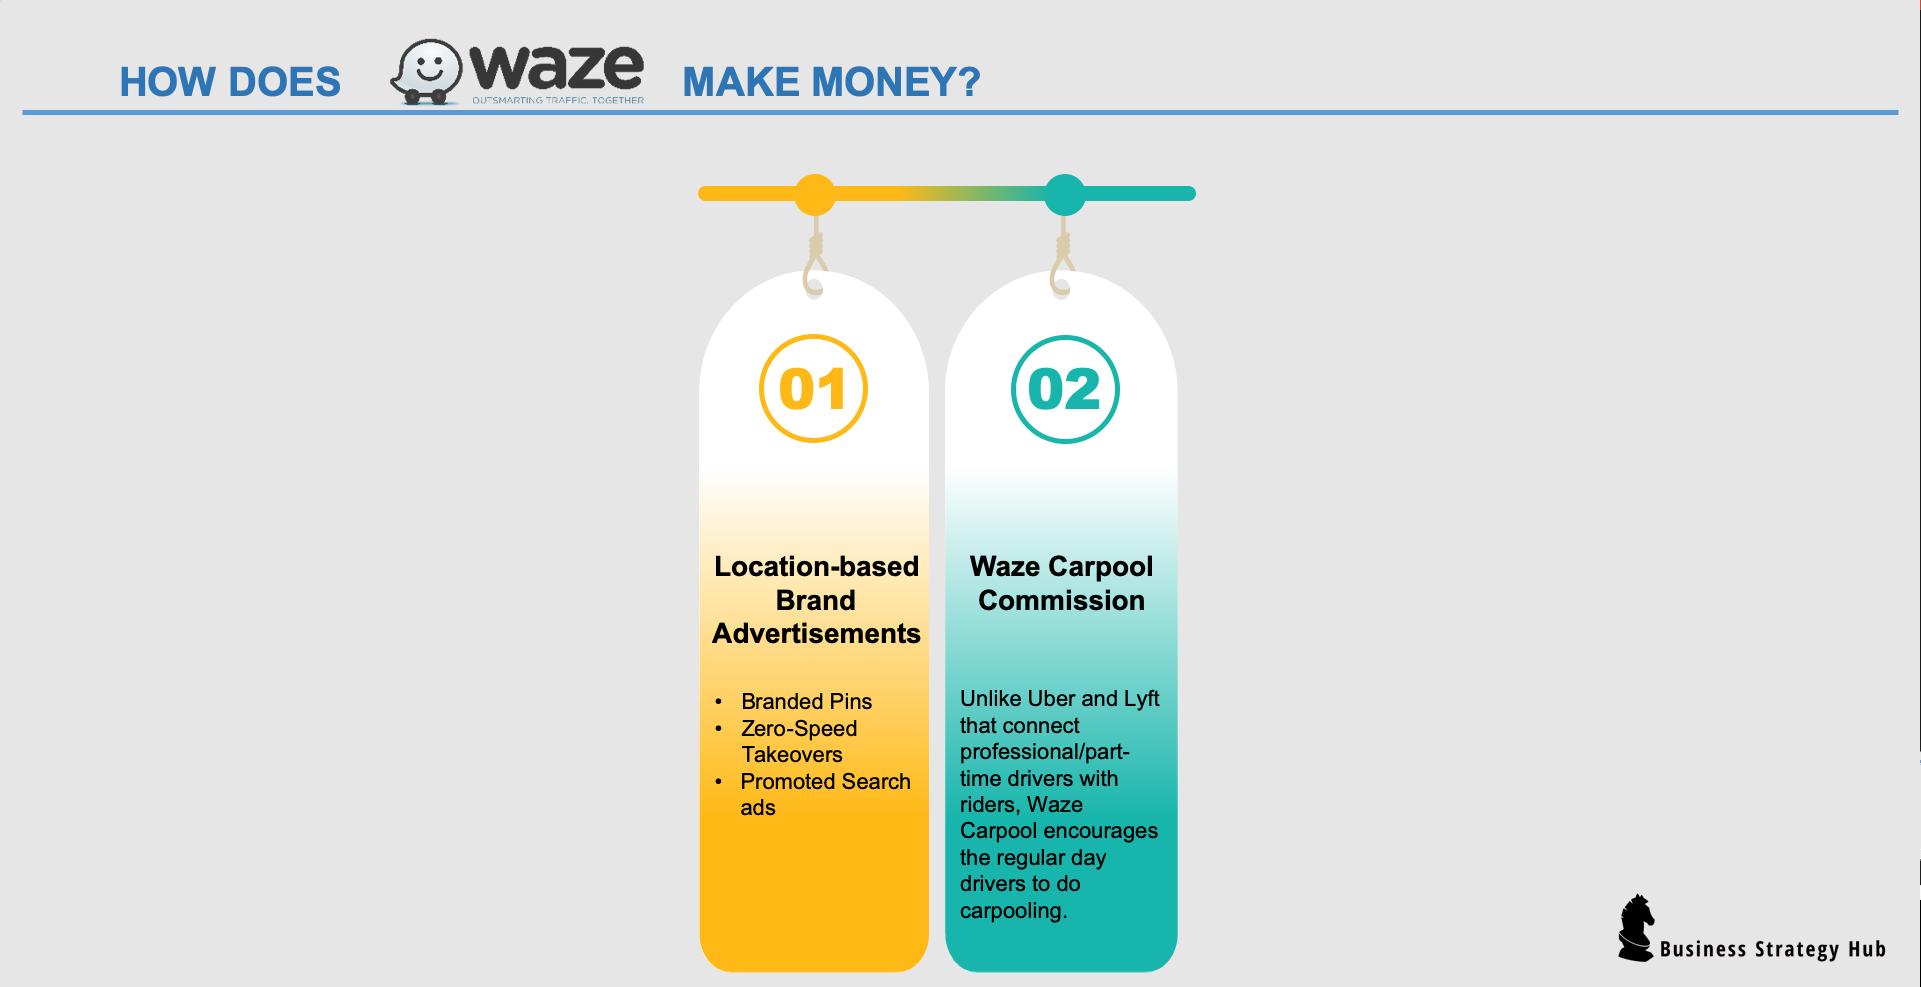 How Does Waze Make Money? | Business Strategy Hub